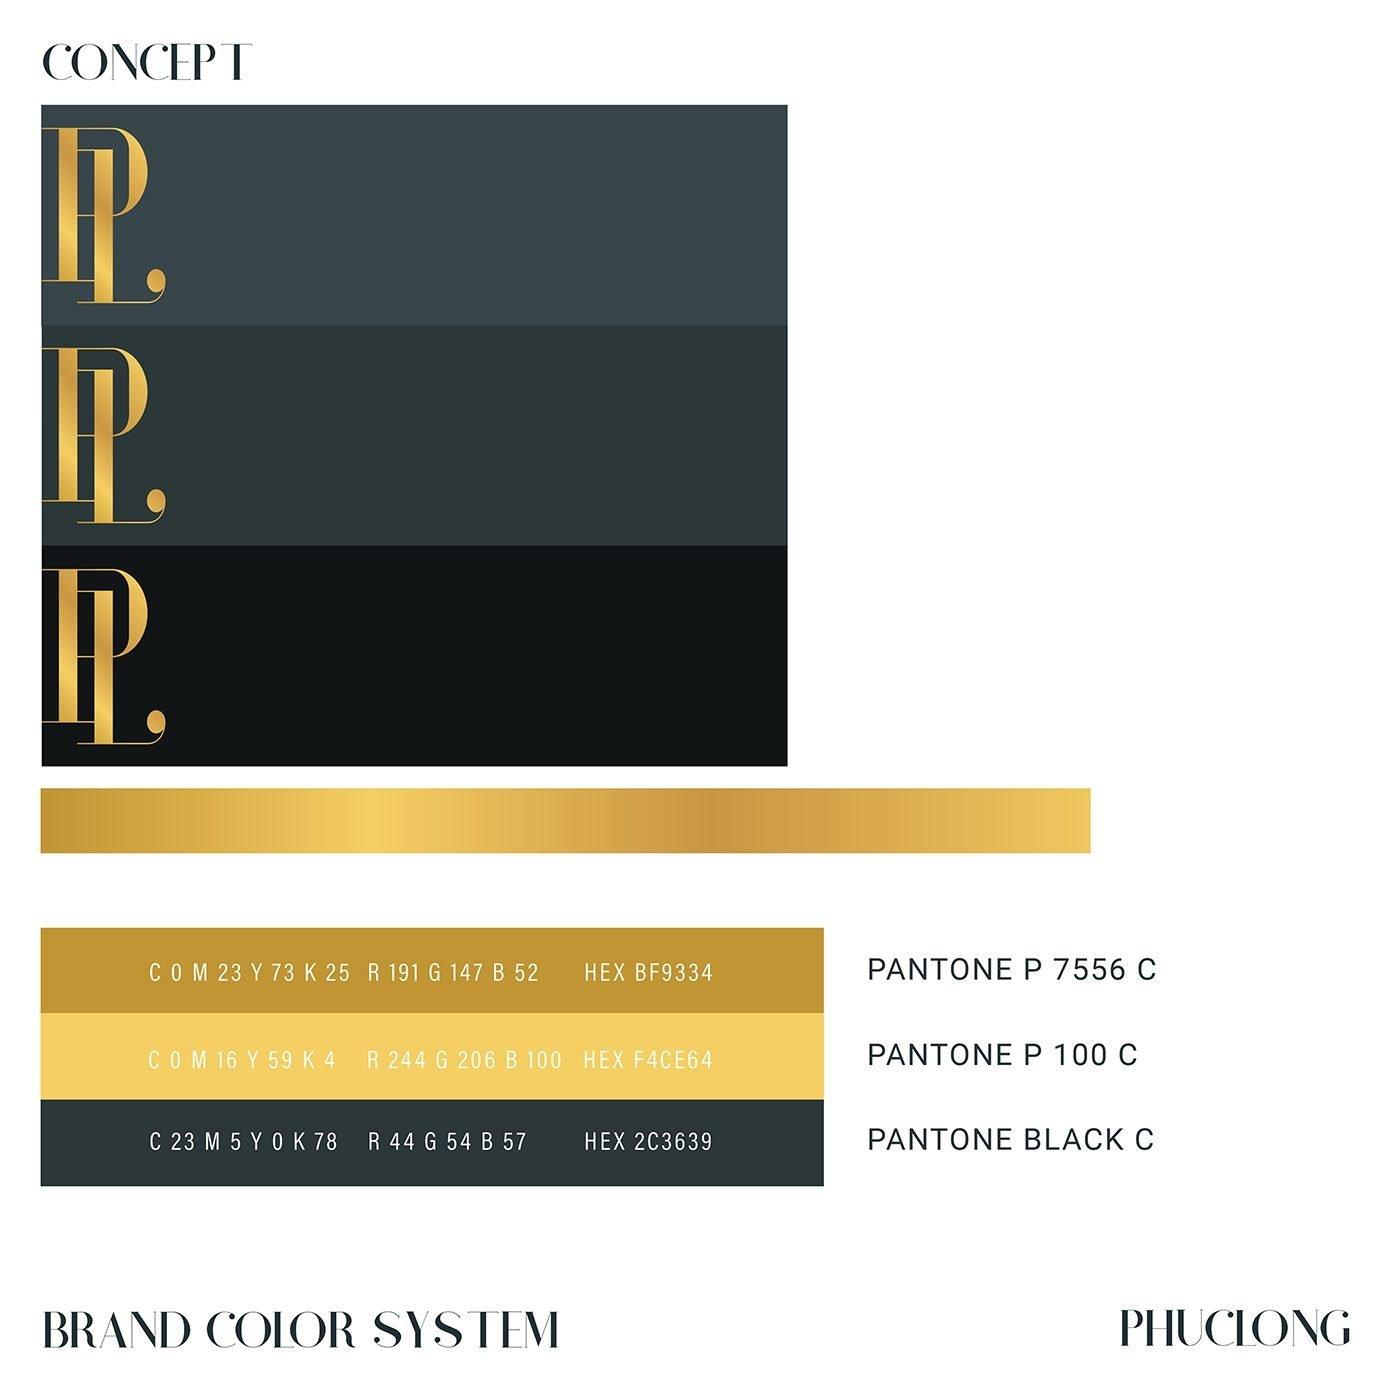 hệ màu thương hiệu thiết kế branding cho thương hiệu thiết kế nhận diện thương hiệu xây dựng logo doanh nghiệp thiết kế ấn phẩm quảng cáo thương hiệu thiết kế Helixgram Saigon